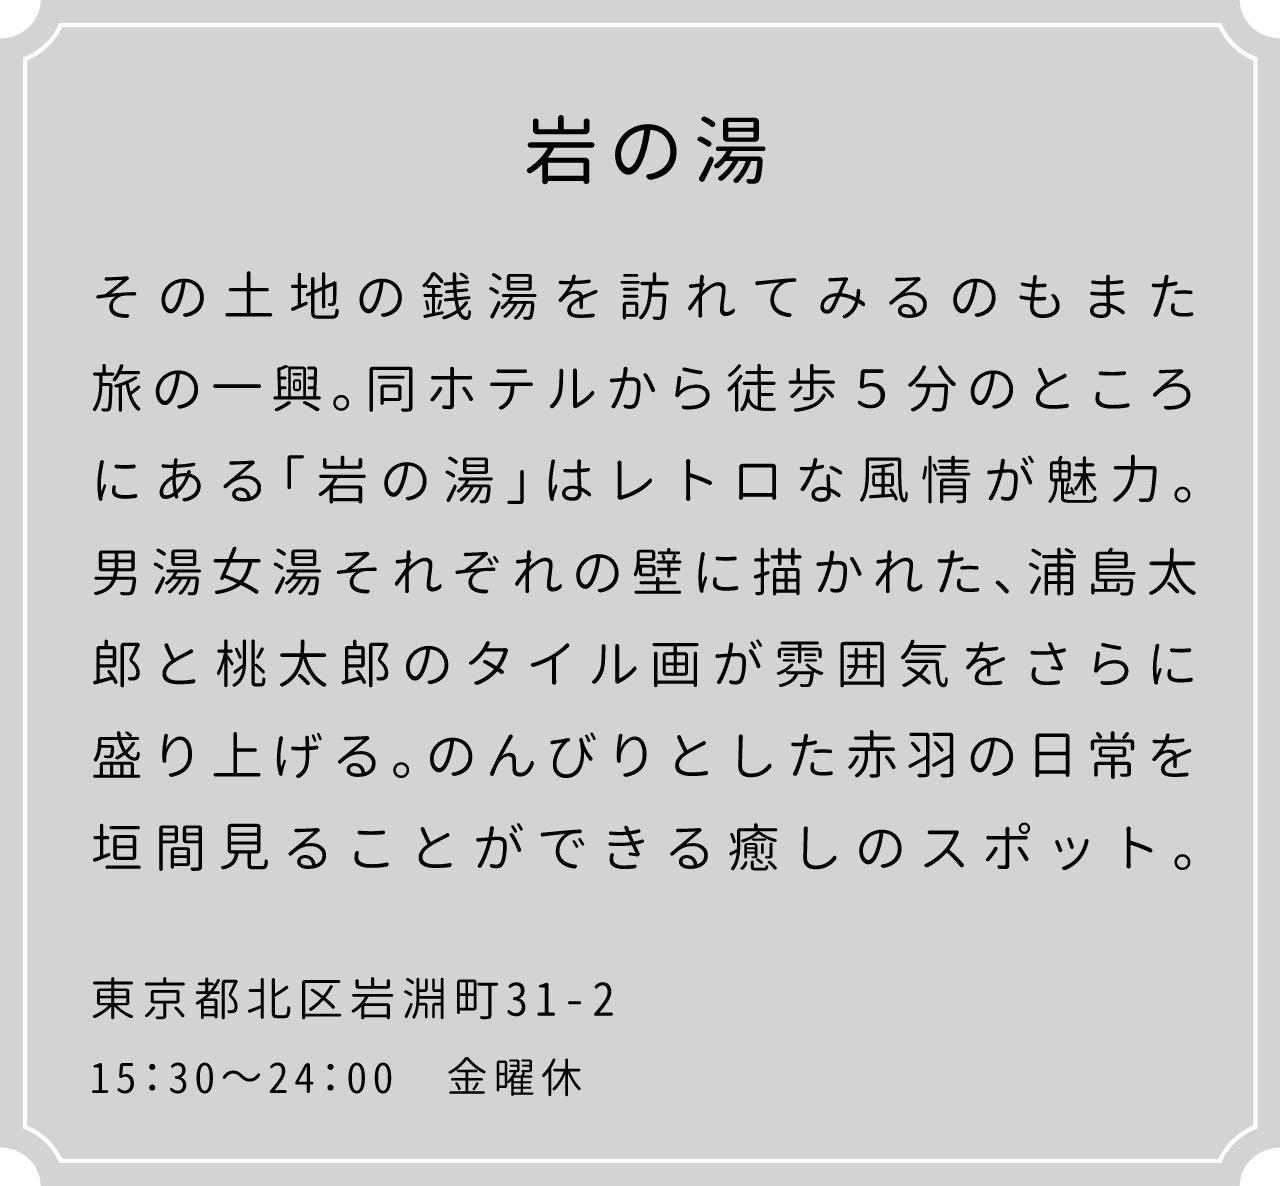 7_img_iwanoyu02_smp